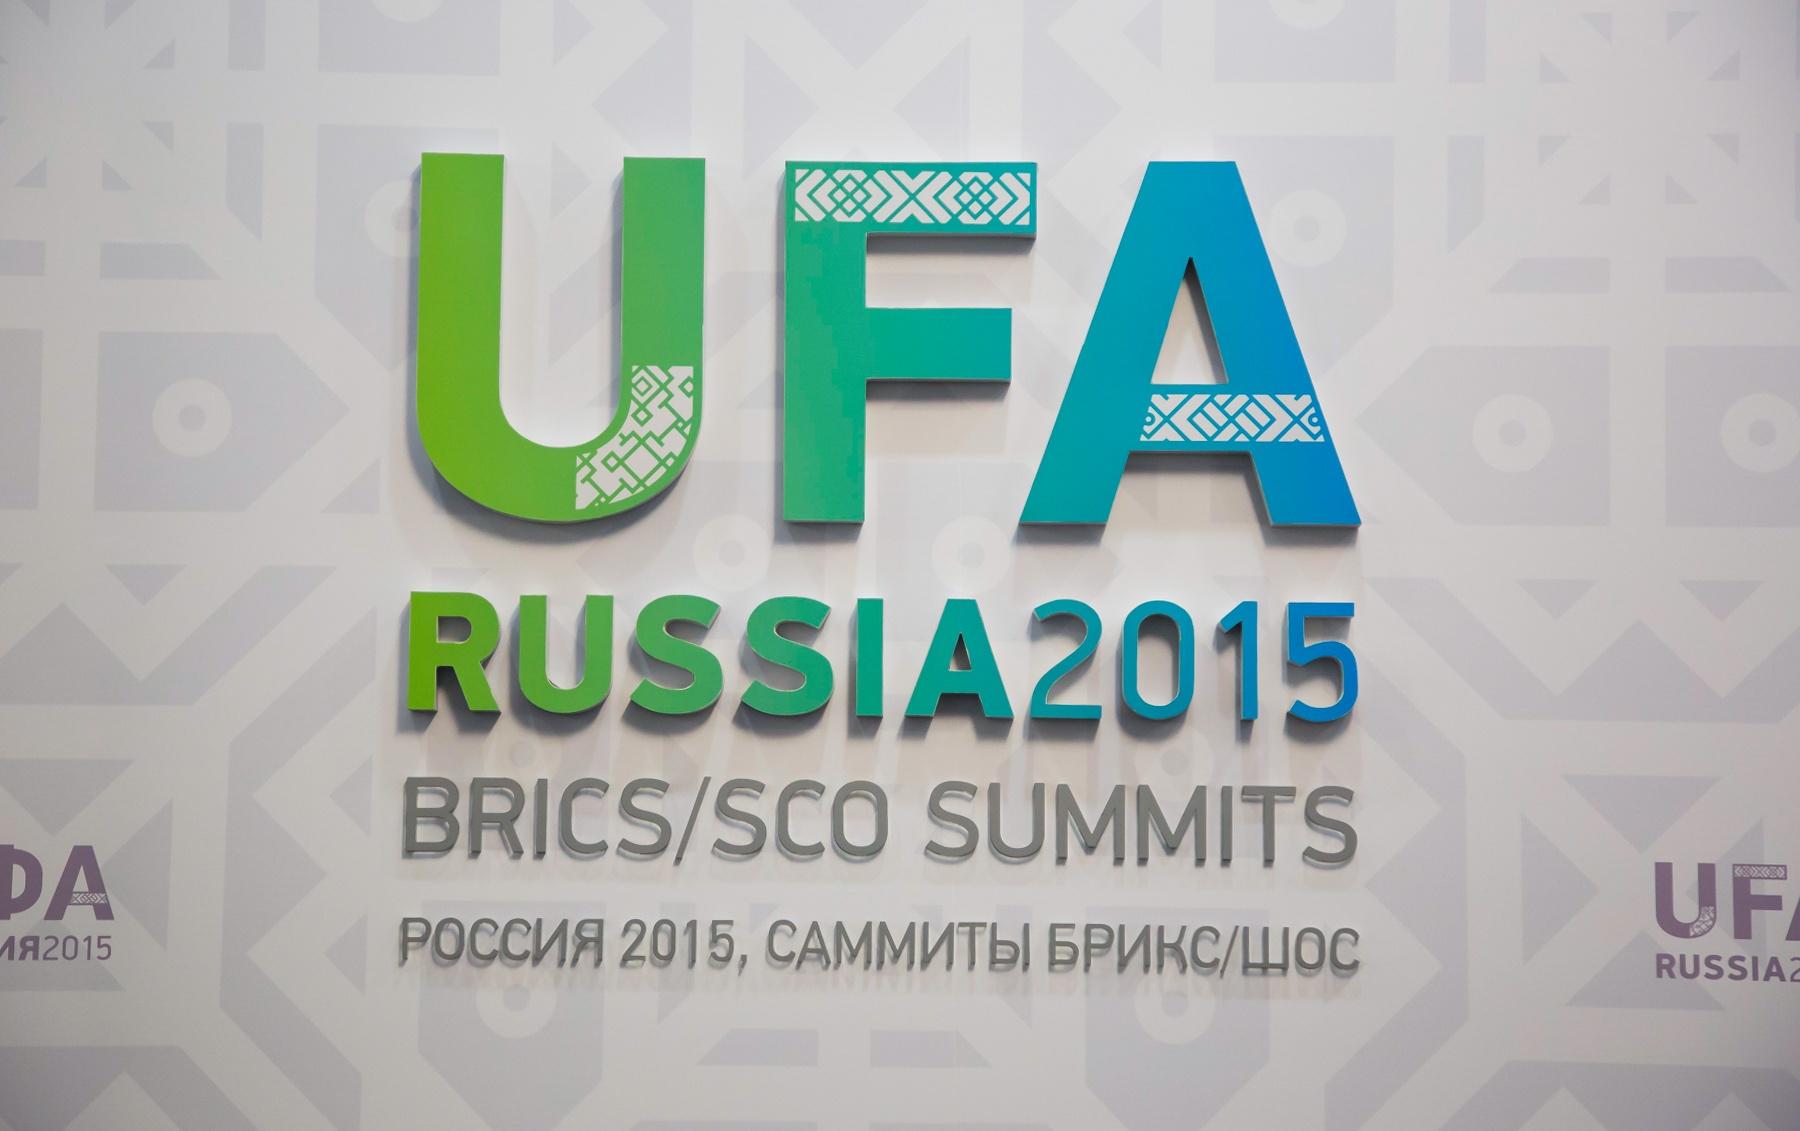 К саммитам для Уфы разработали специальное обозначение. Теперь его используют повсеместно